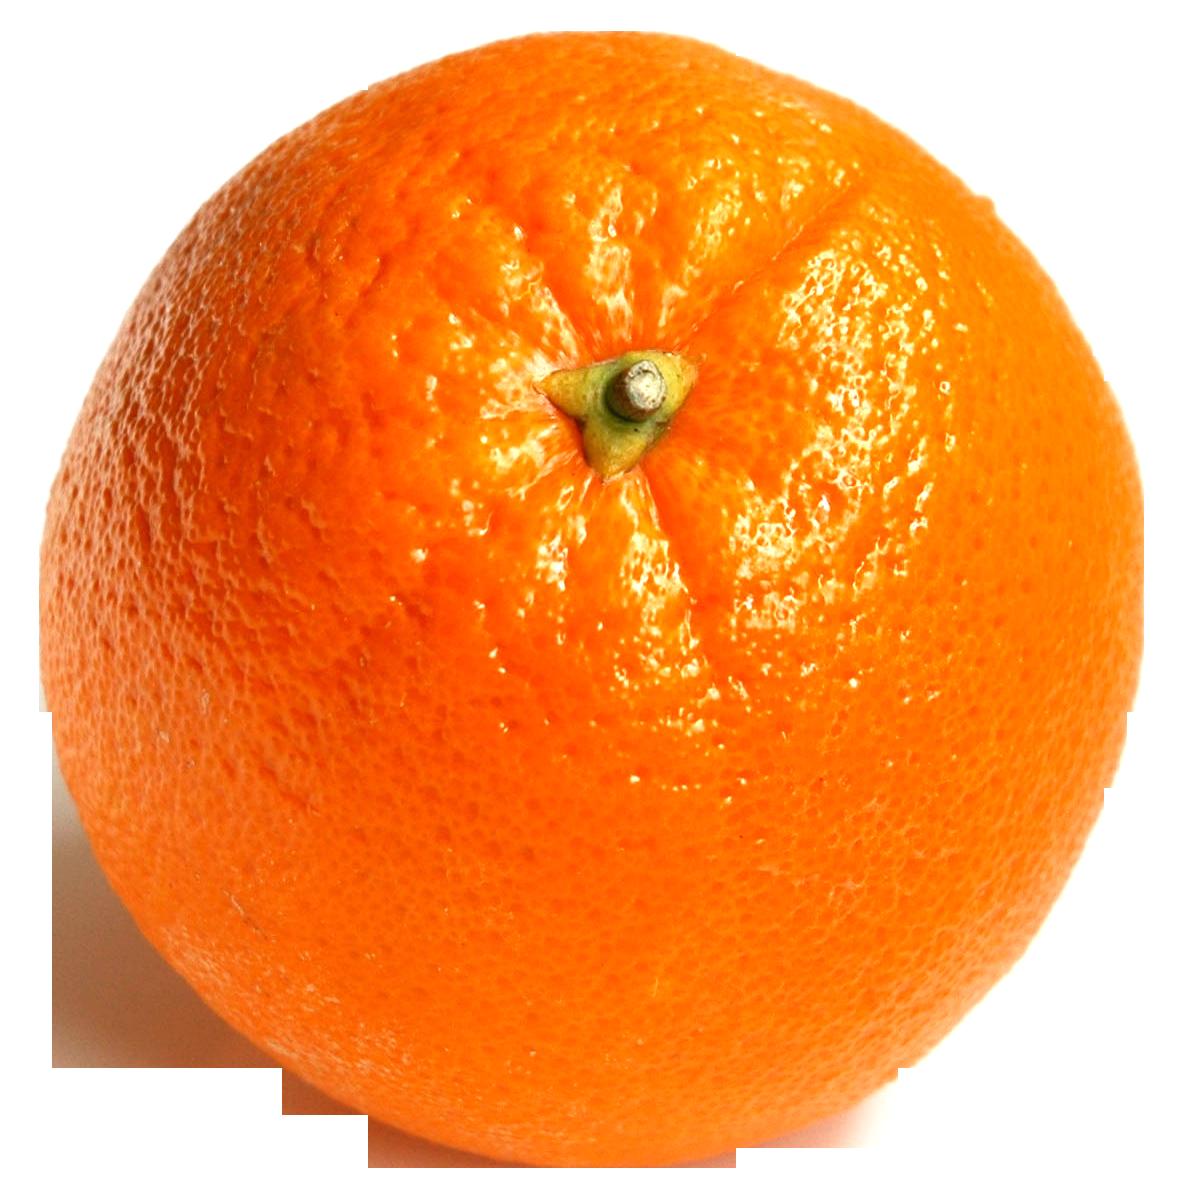 Orange Fruit PNG image - Orange PNG